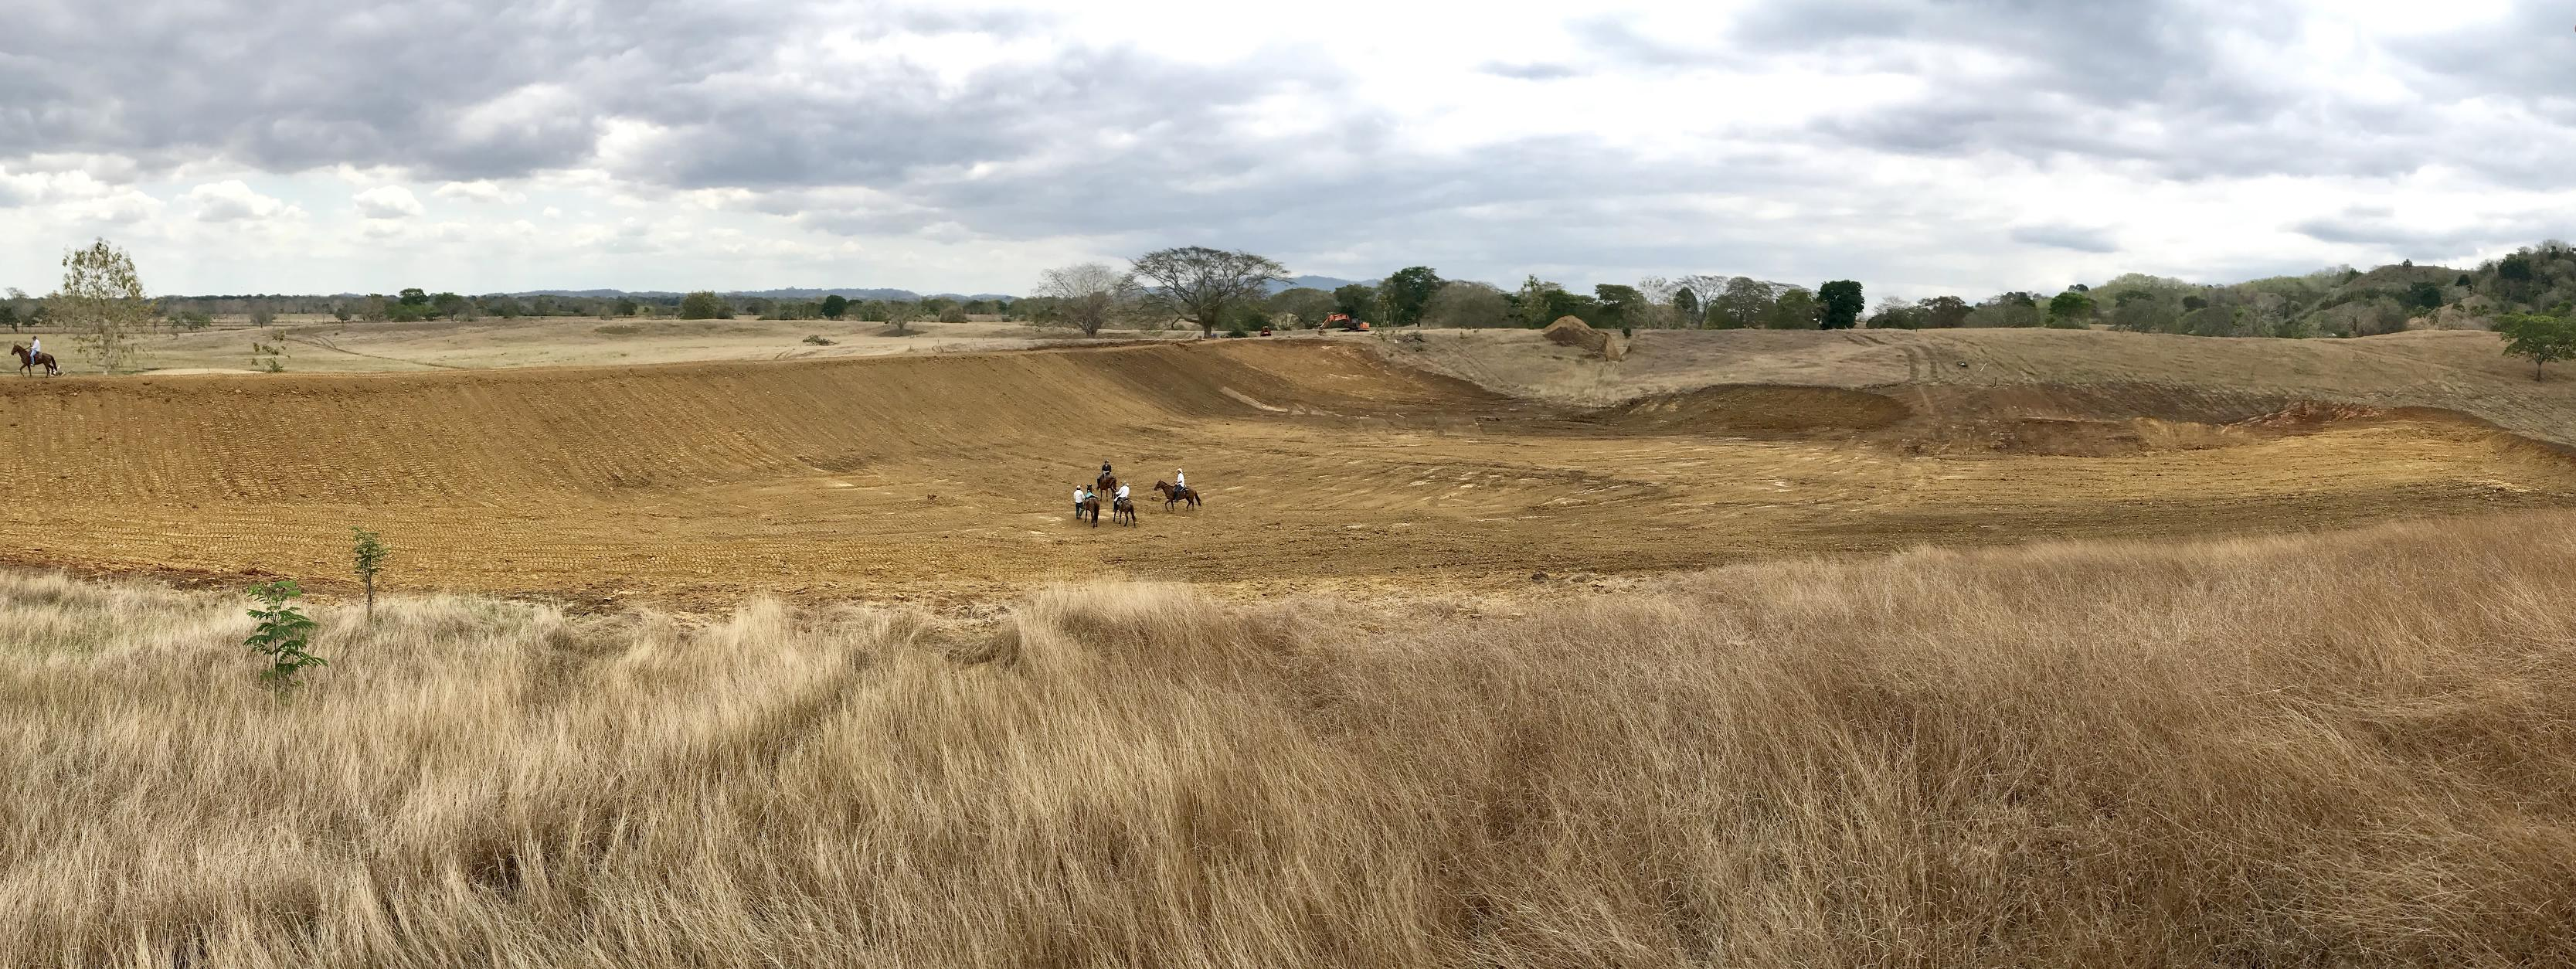 Dry Season at Ganaderia Pietrasanta